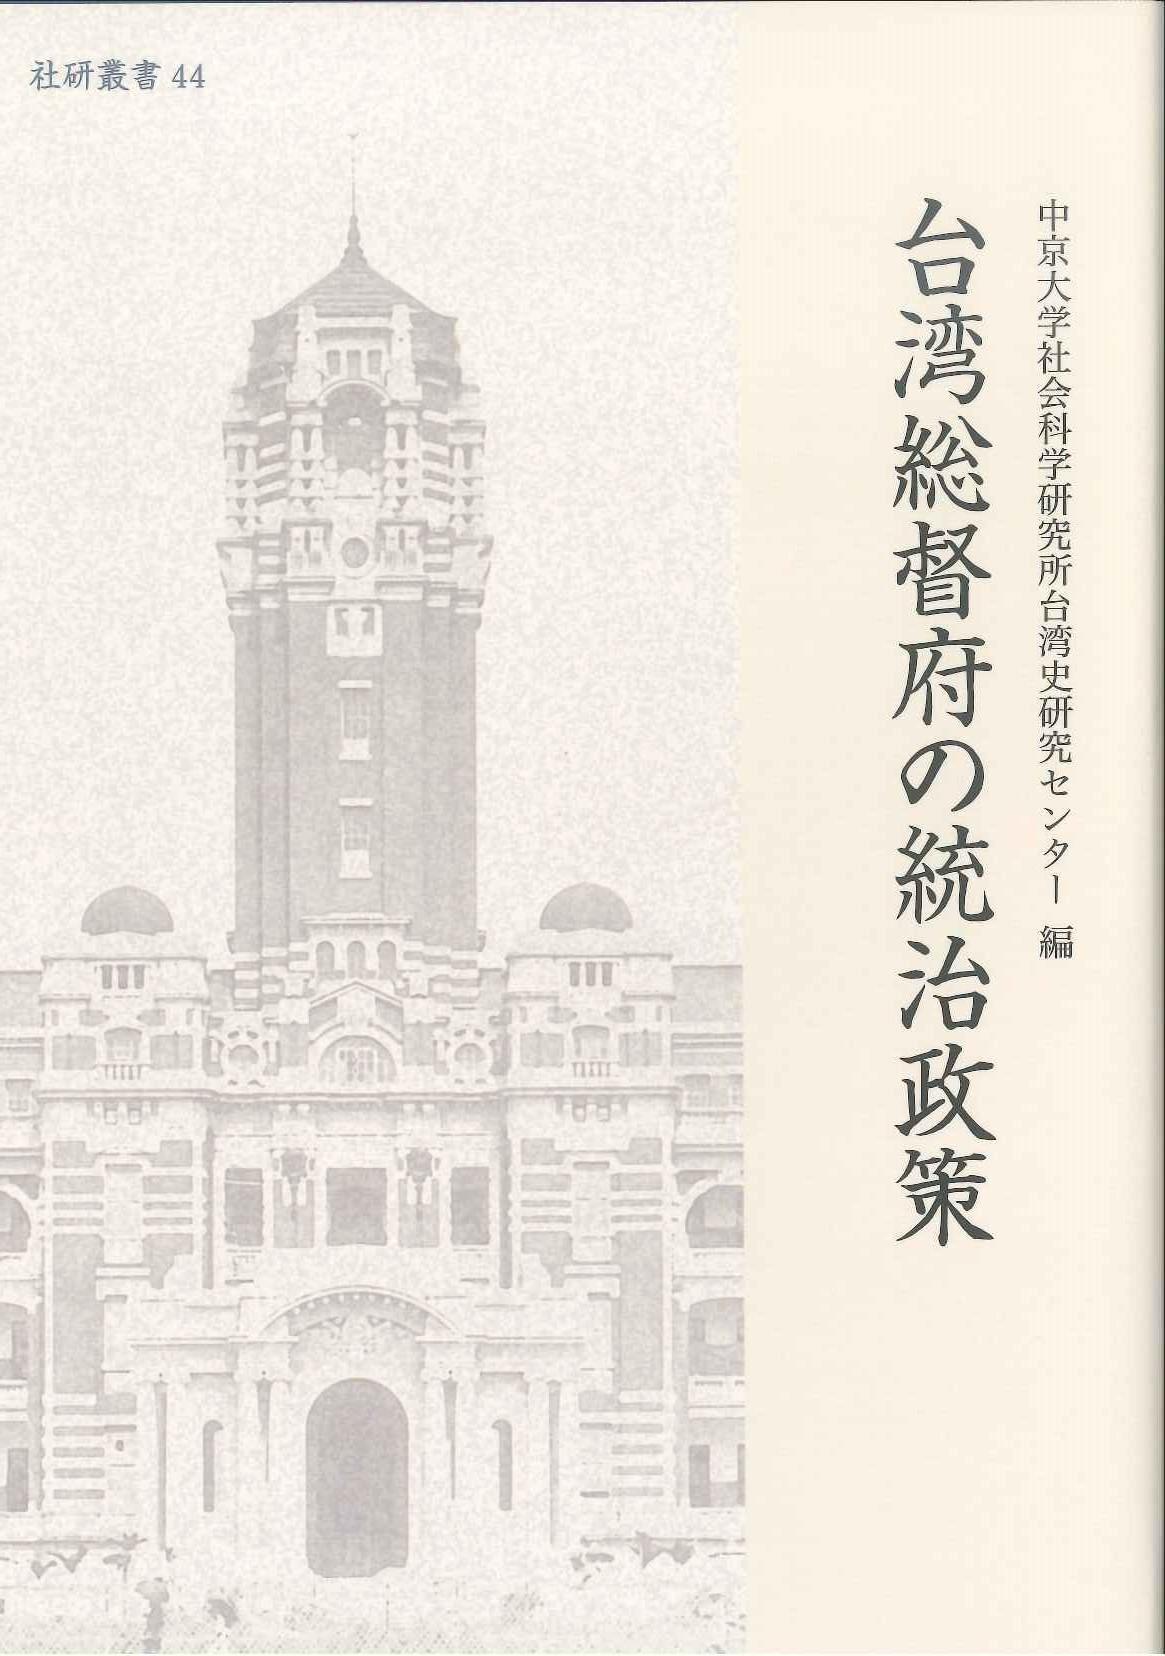 中京大学社会科学研究所叢書44